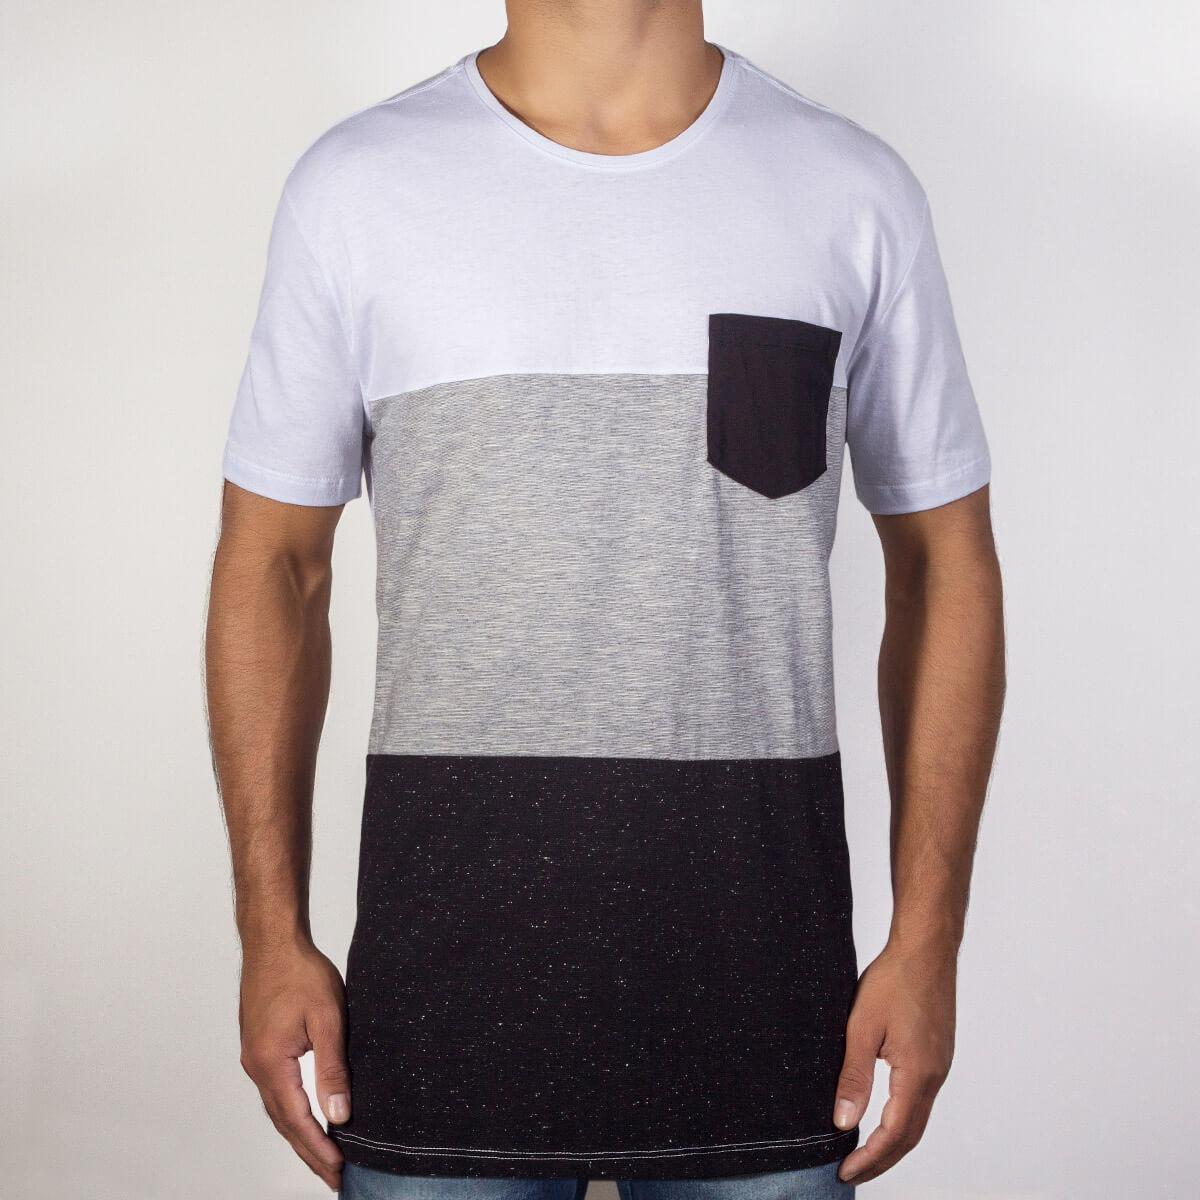 Branco/Cinza Mescla/Preto